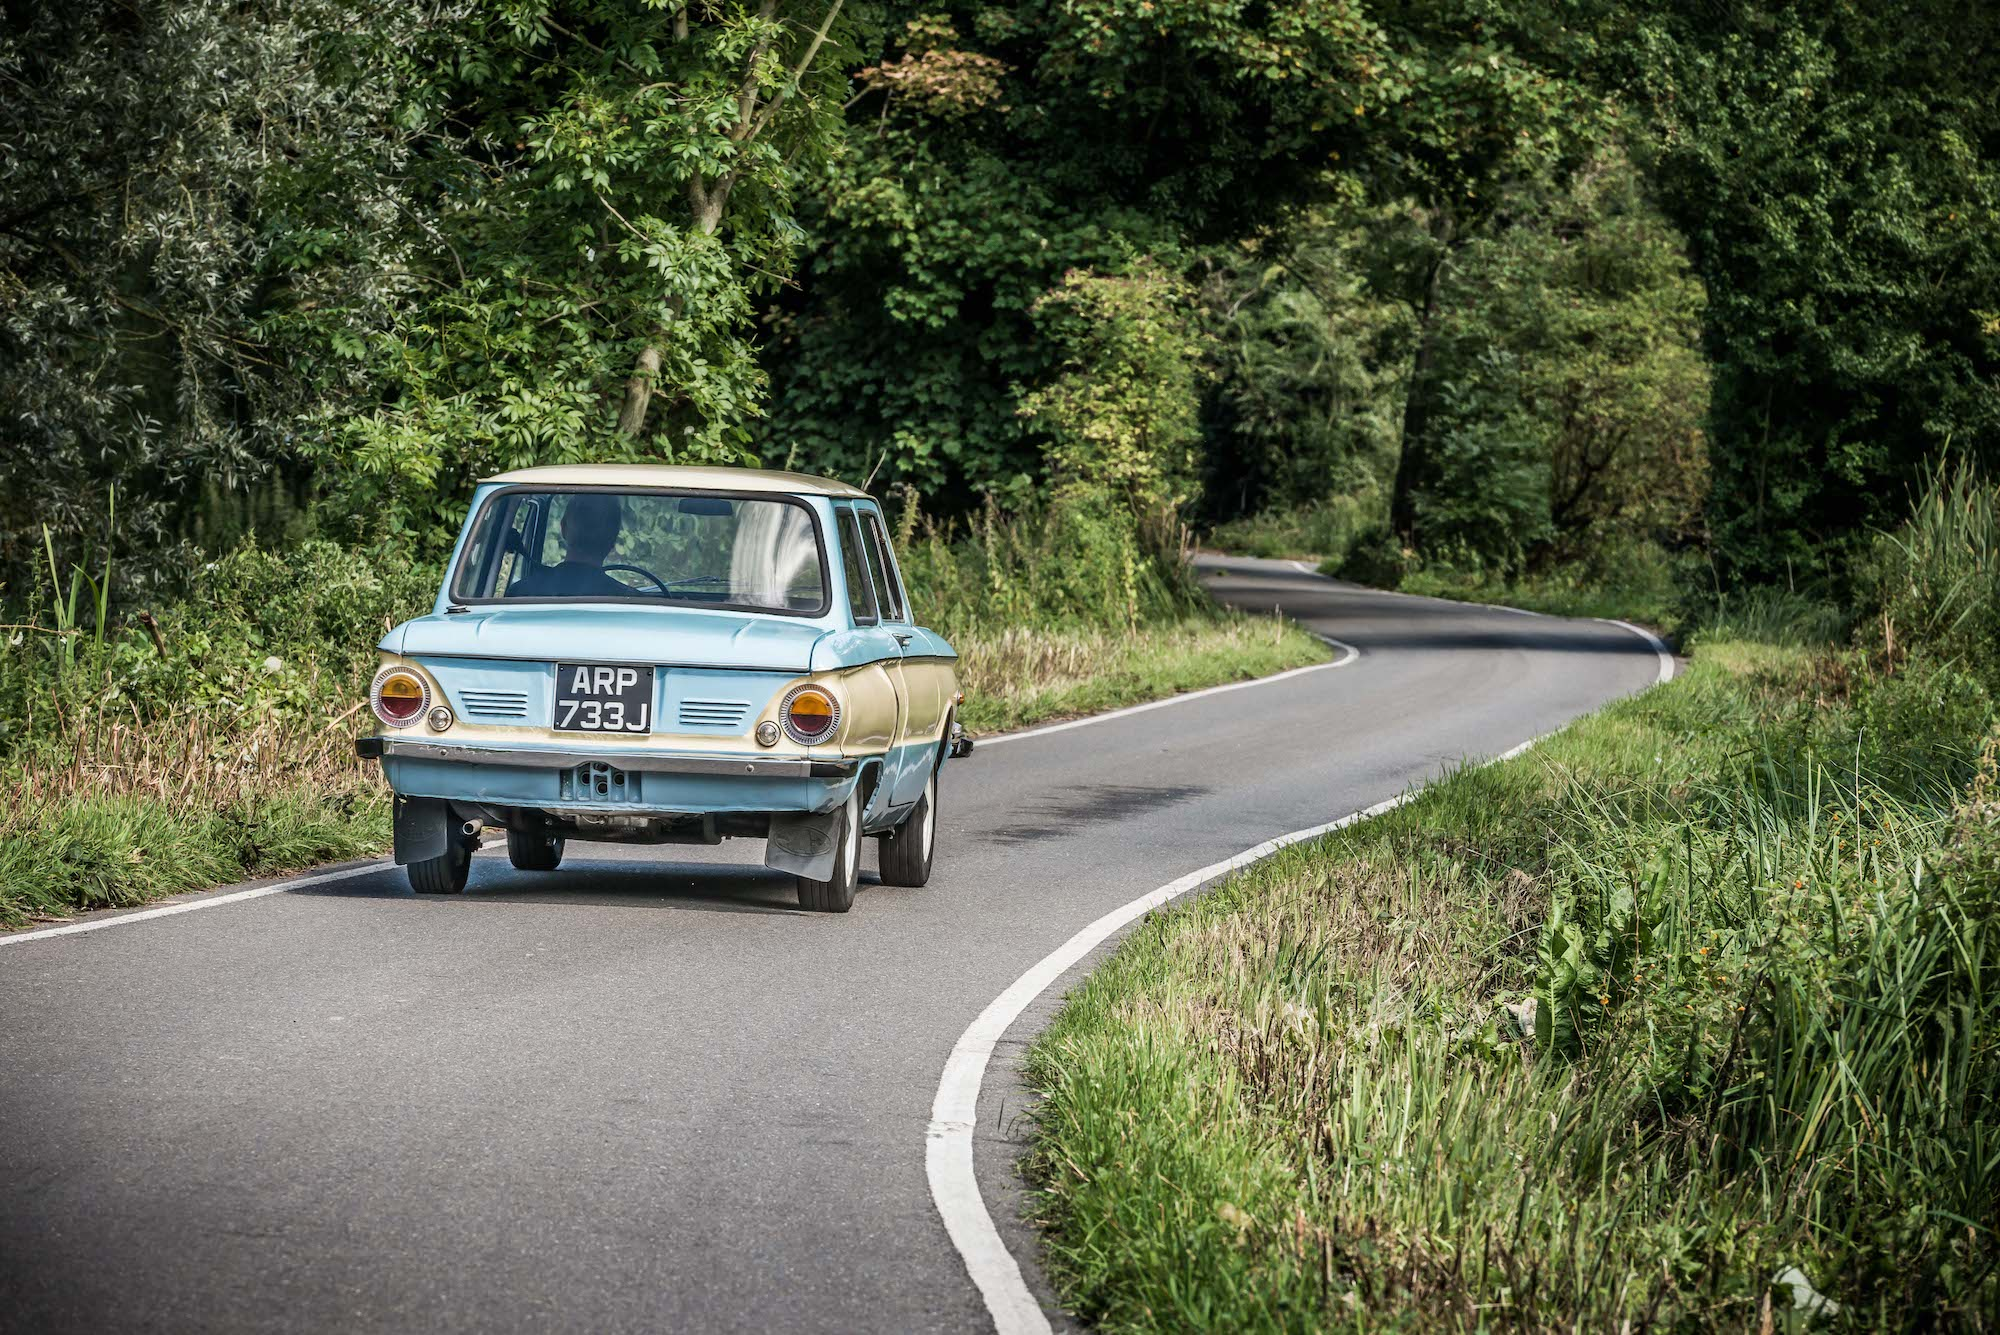 Zaporozhets 968 rear